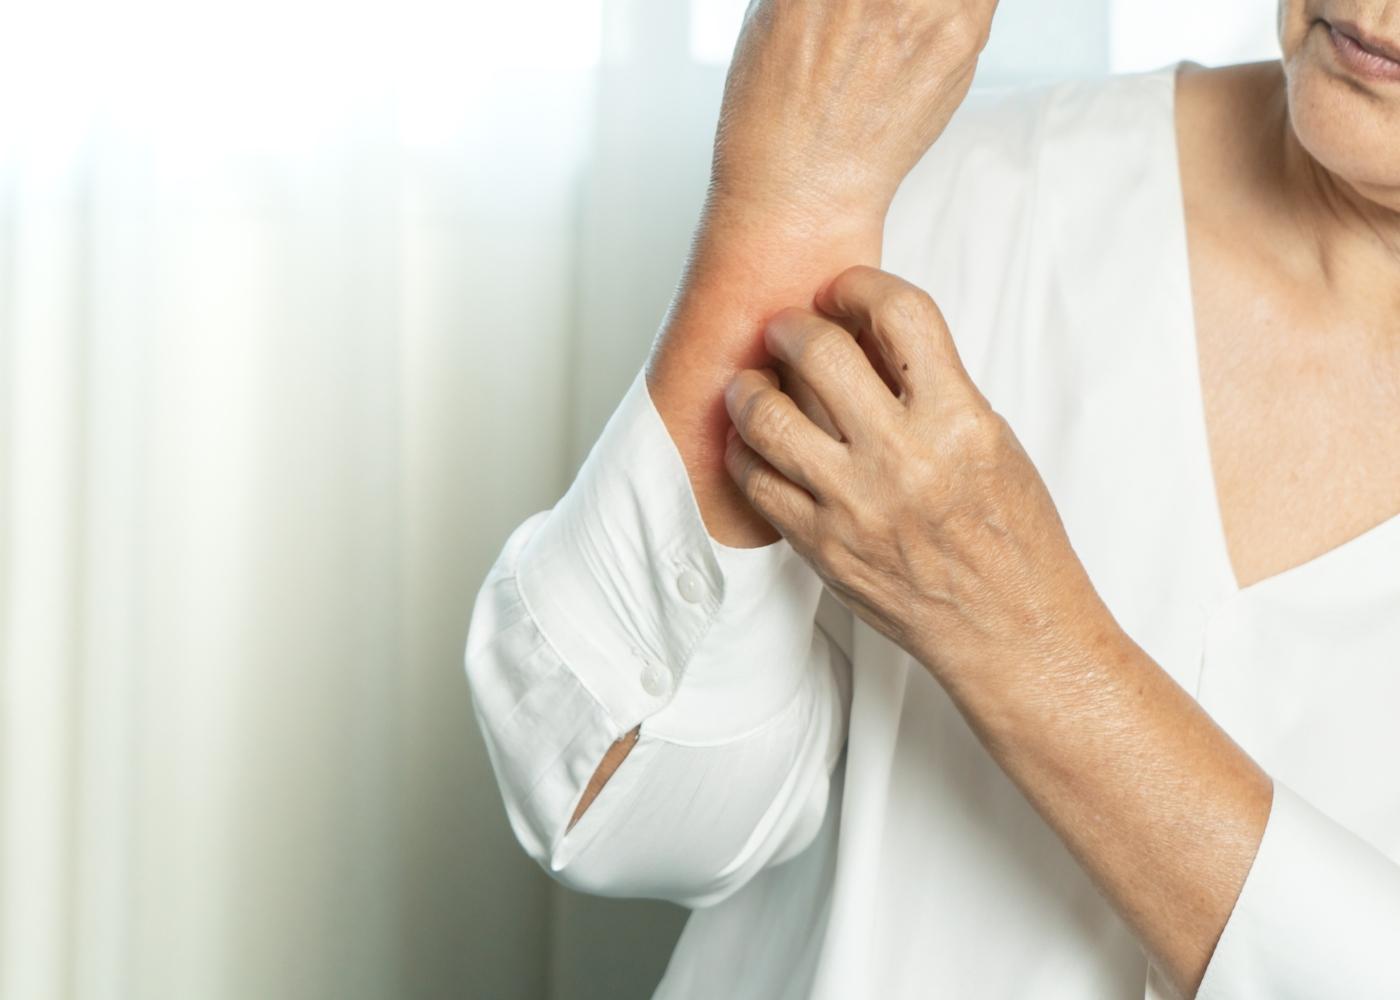 prurido no braço